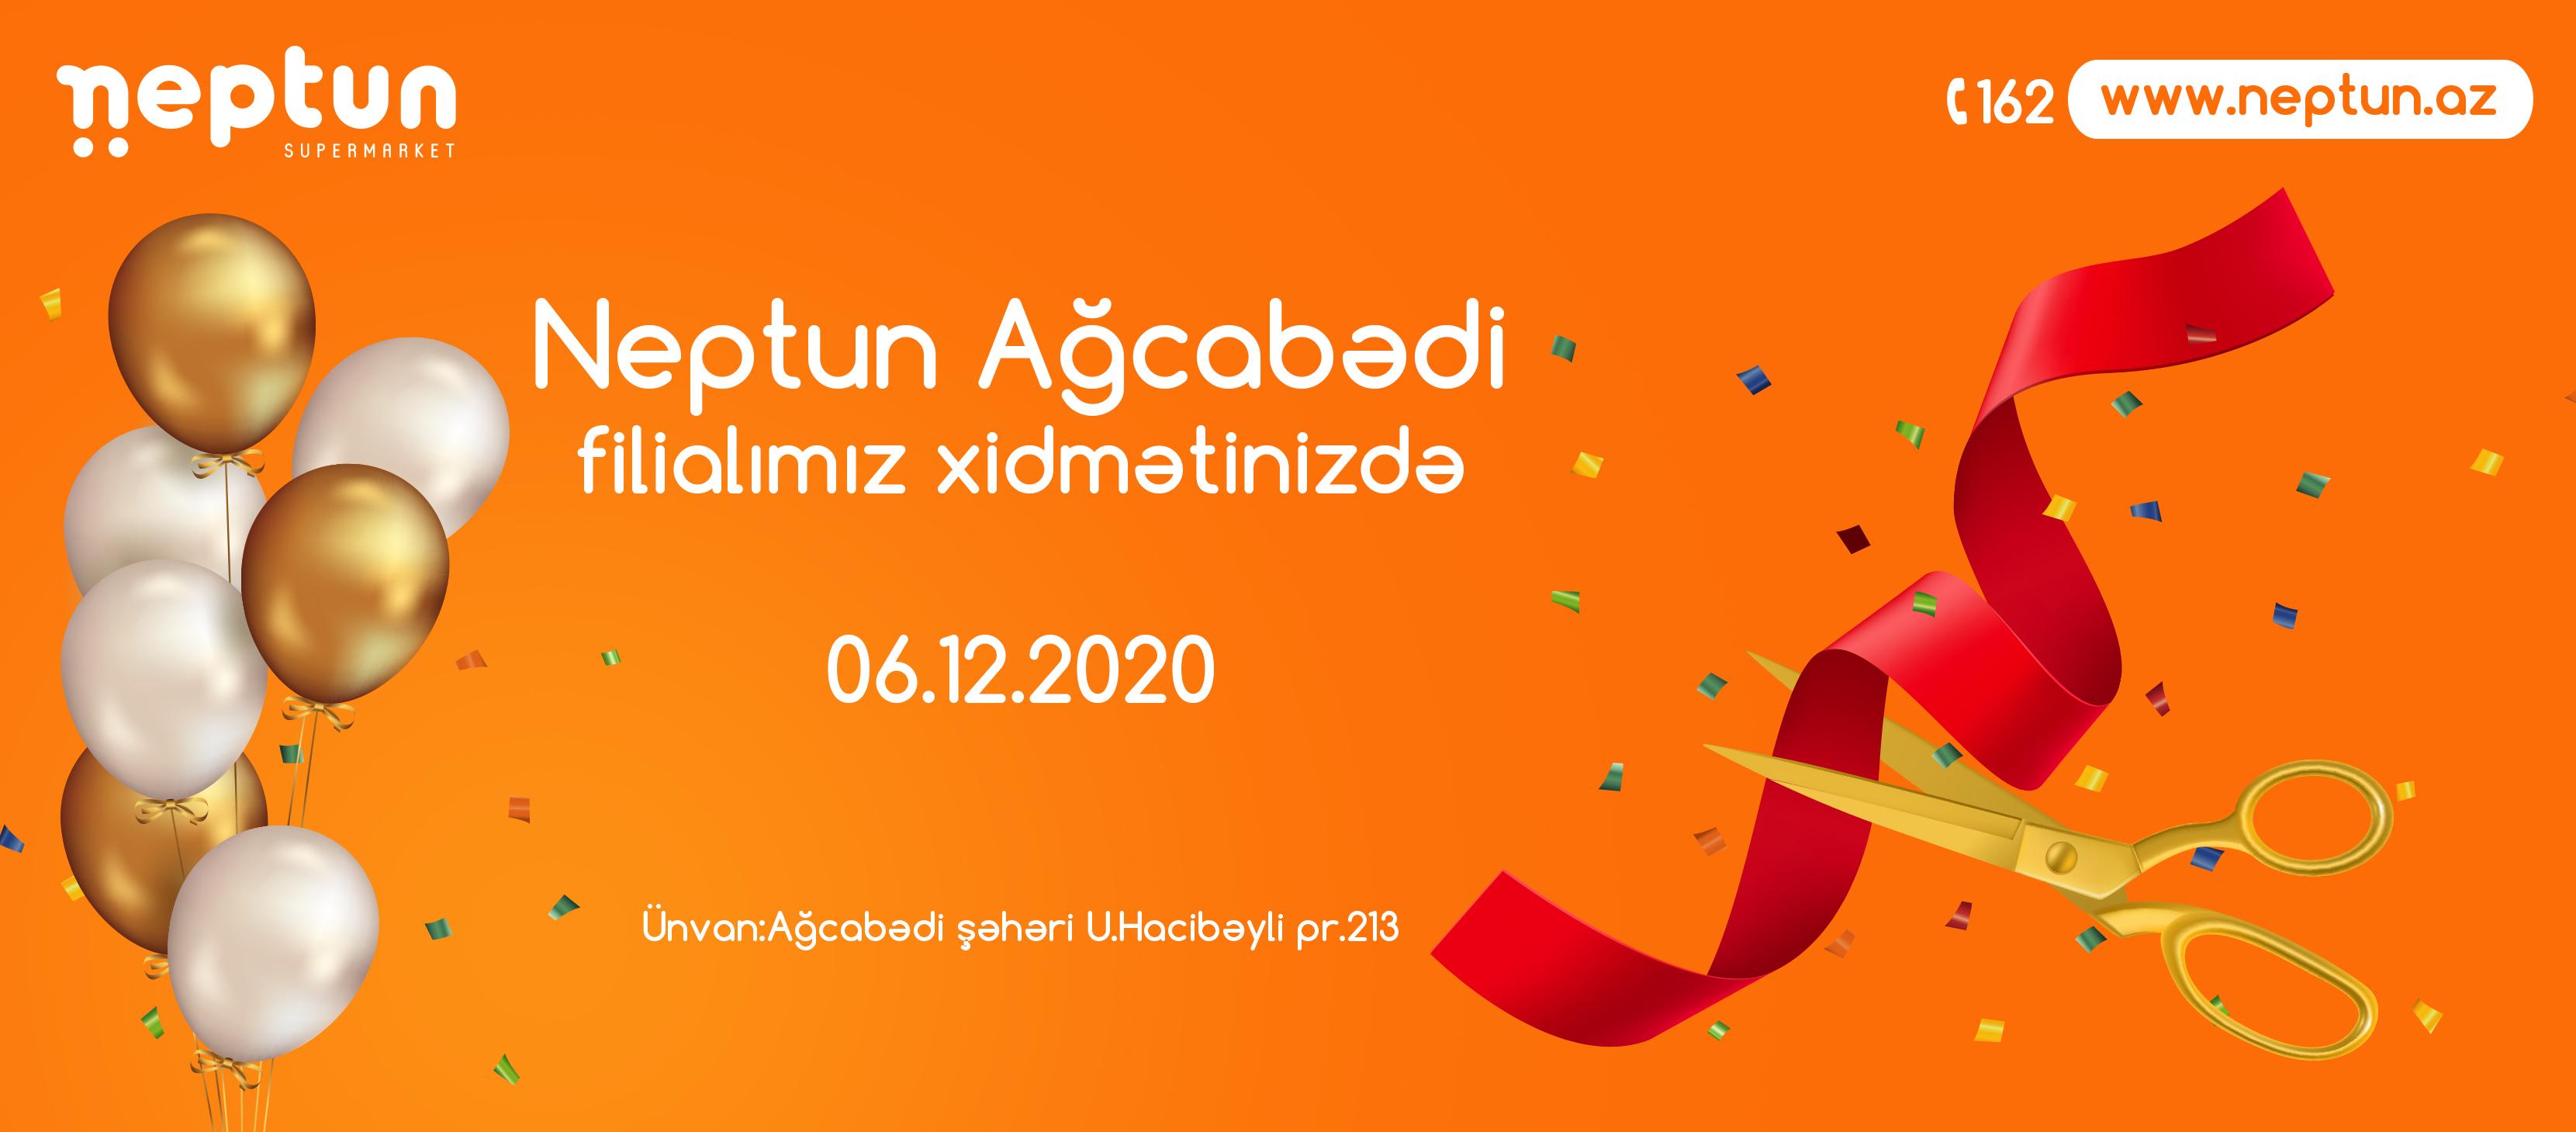 Neptun Ağcabədi Şəhərində!